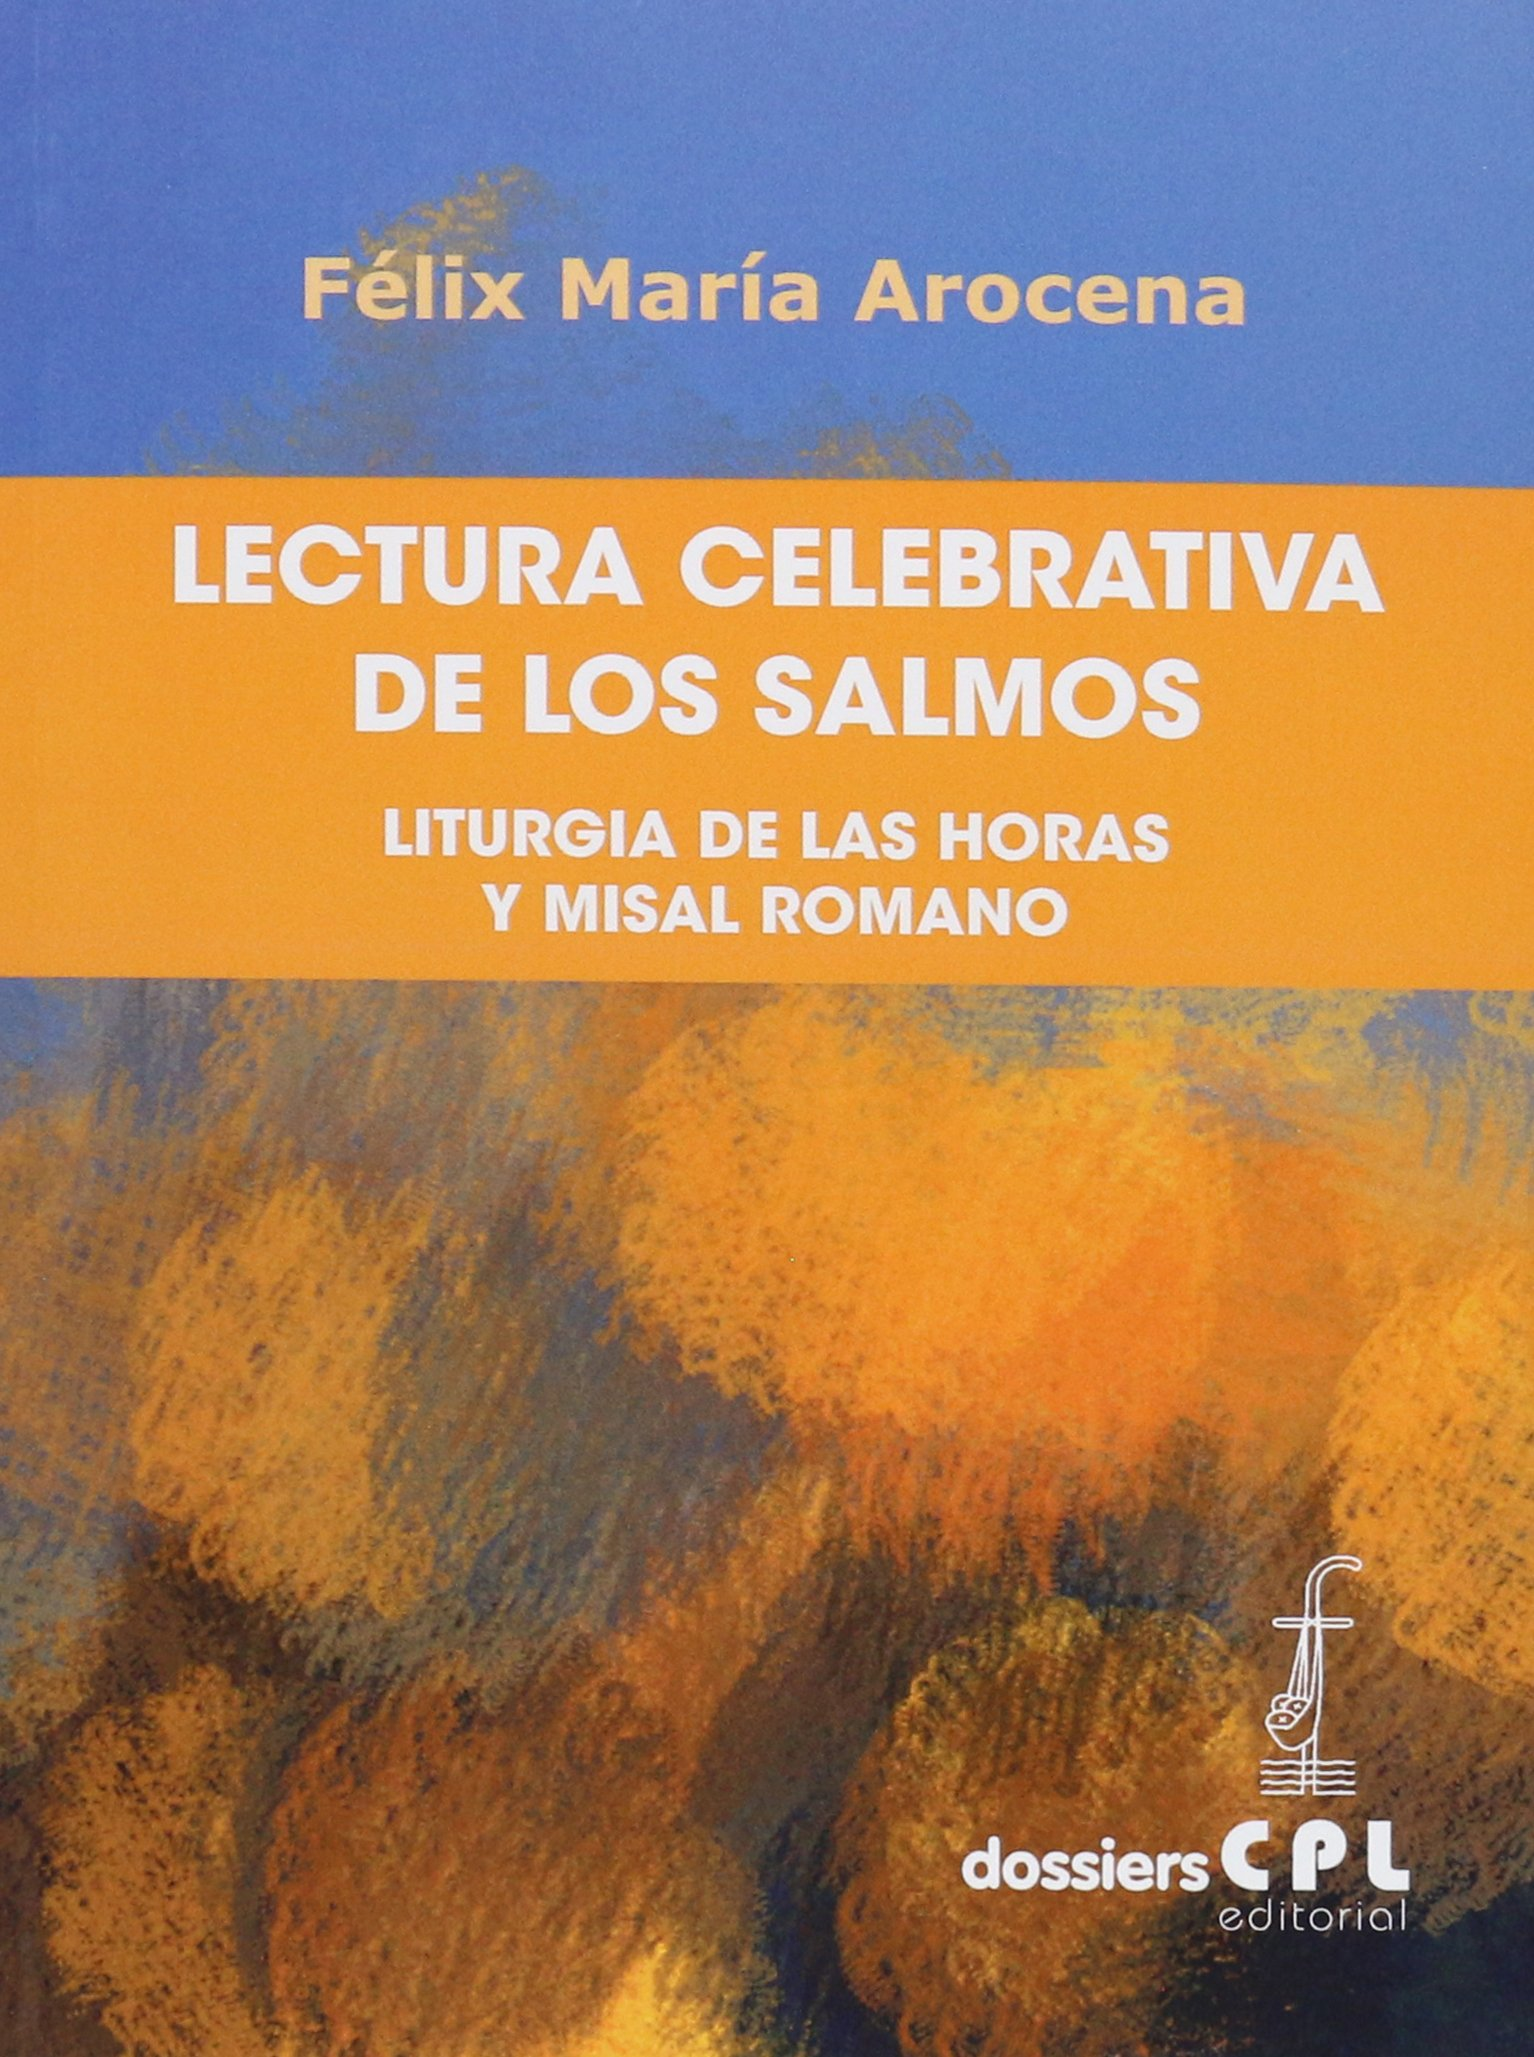 Lectura Celebrativa De Los Salmos: Liturgia de las Horas y Misal Romano: 125 Dossiers CPL: Amazon.es: Arocena Solano, Félix María: Libros